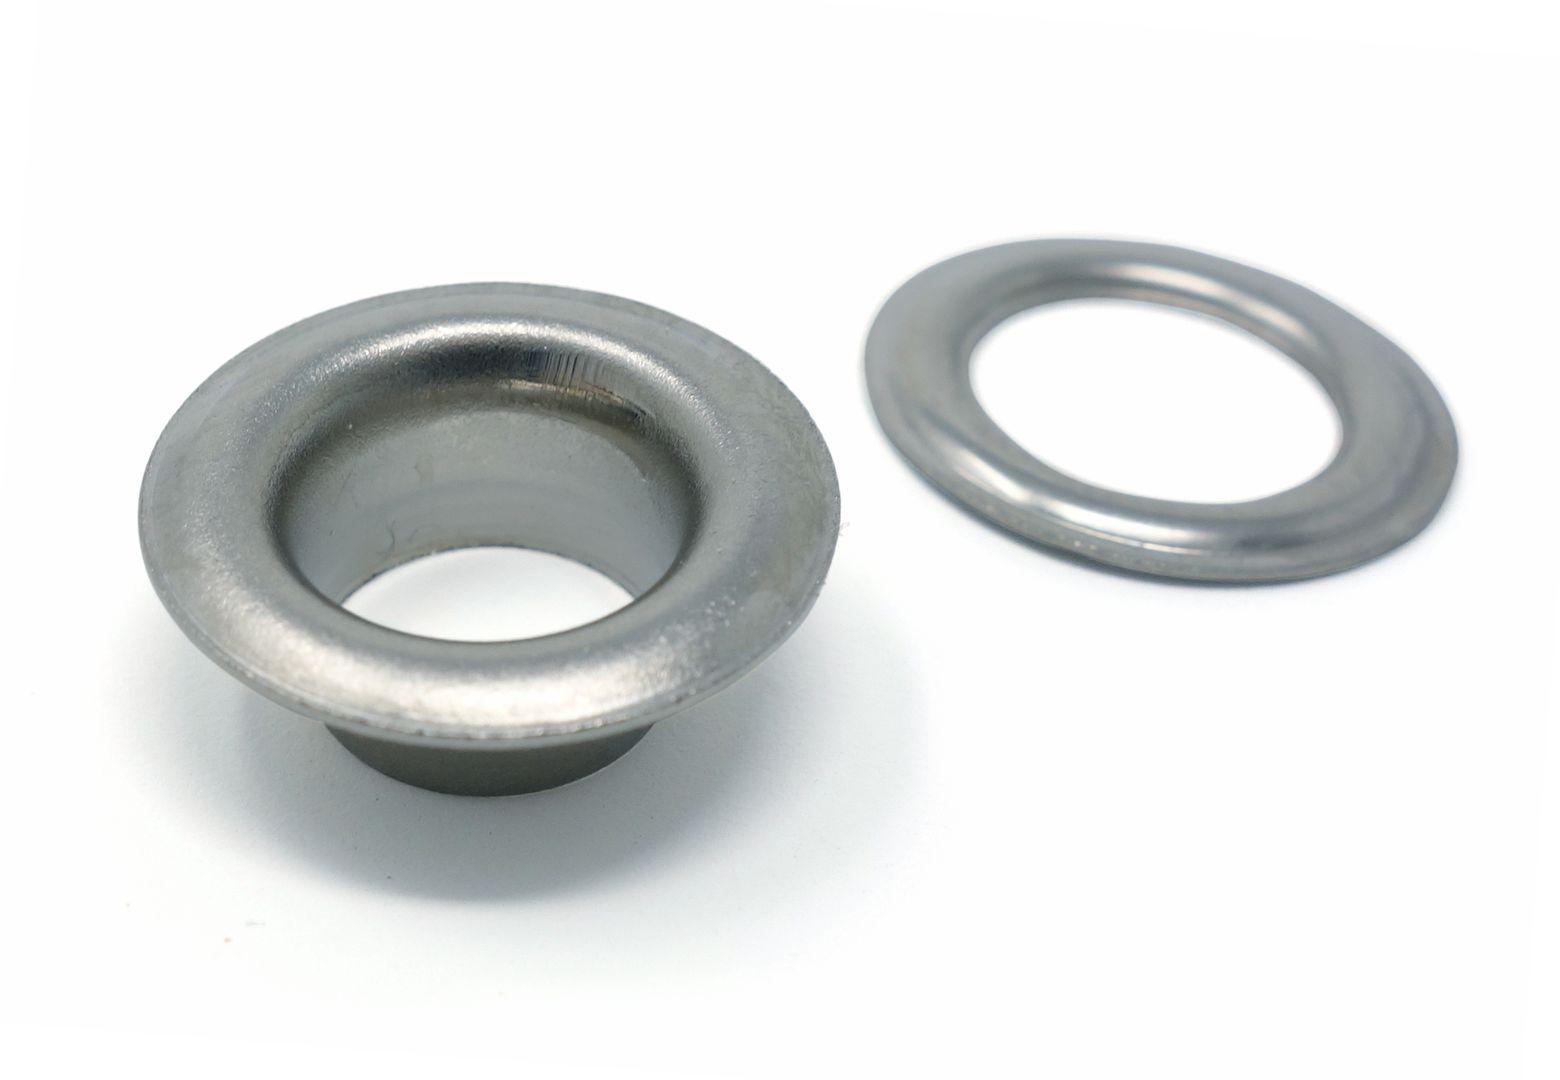 100 x 5,0 mm selbstlochende Ösen mit Scheibe (rostfrei) für Ösenpressen und Einschlagwerkzeuge – Bild 3